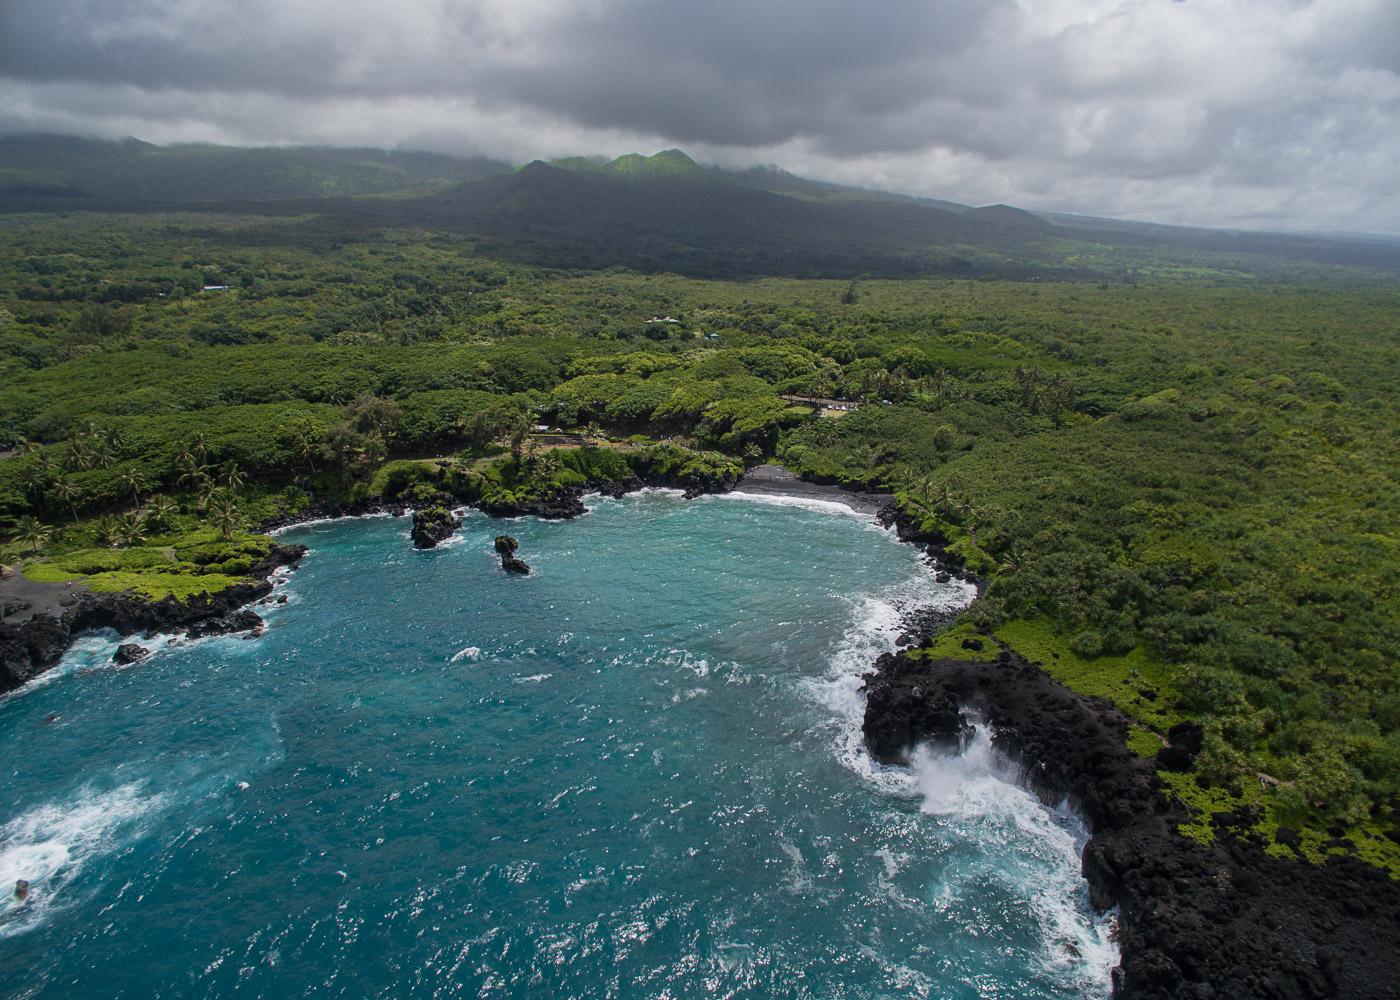 Wai'anapanapa State Park on the island of Maui